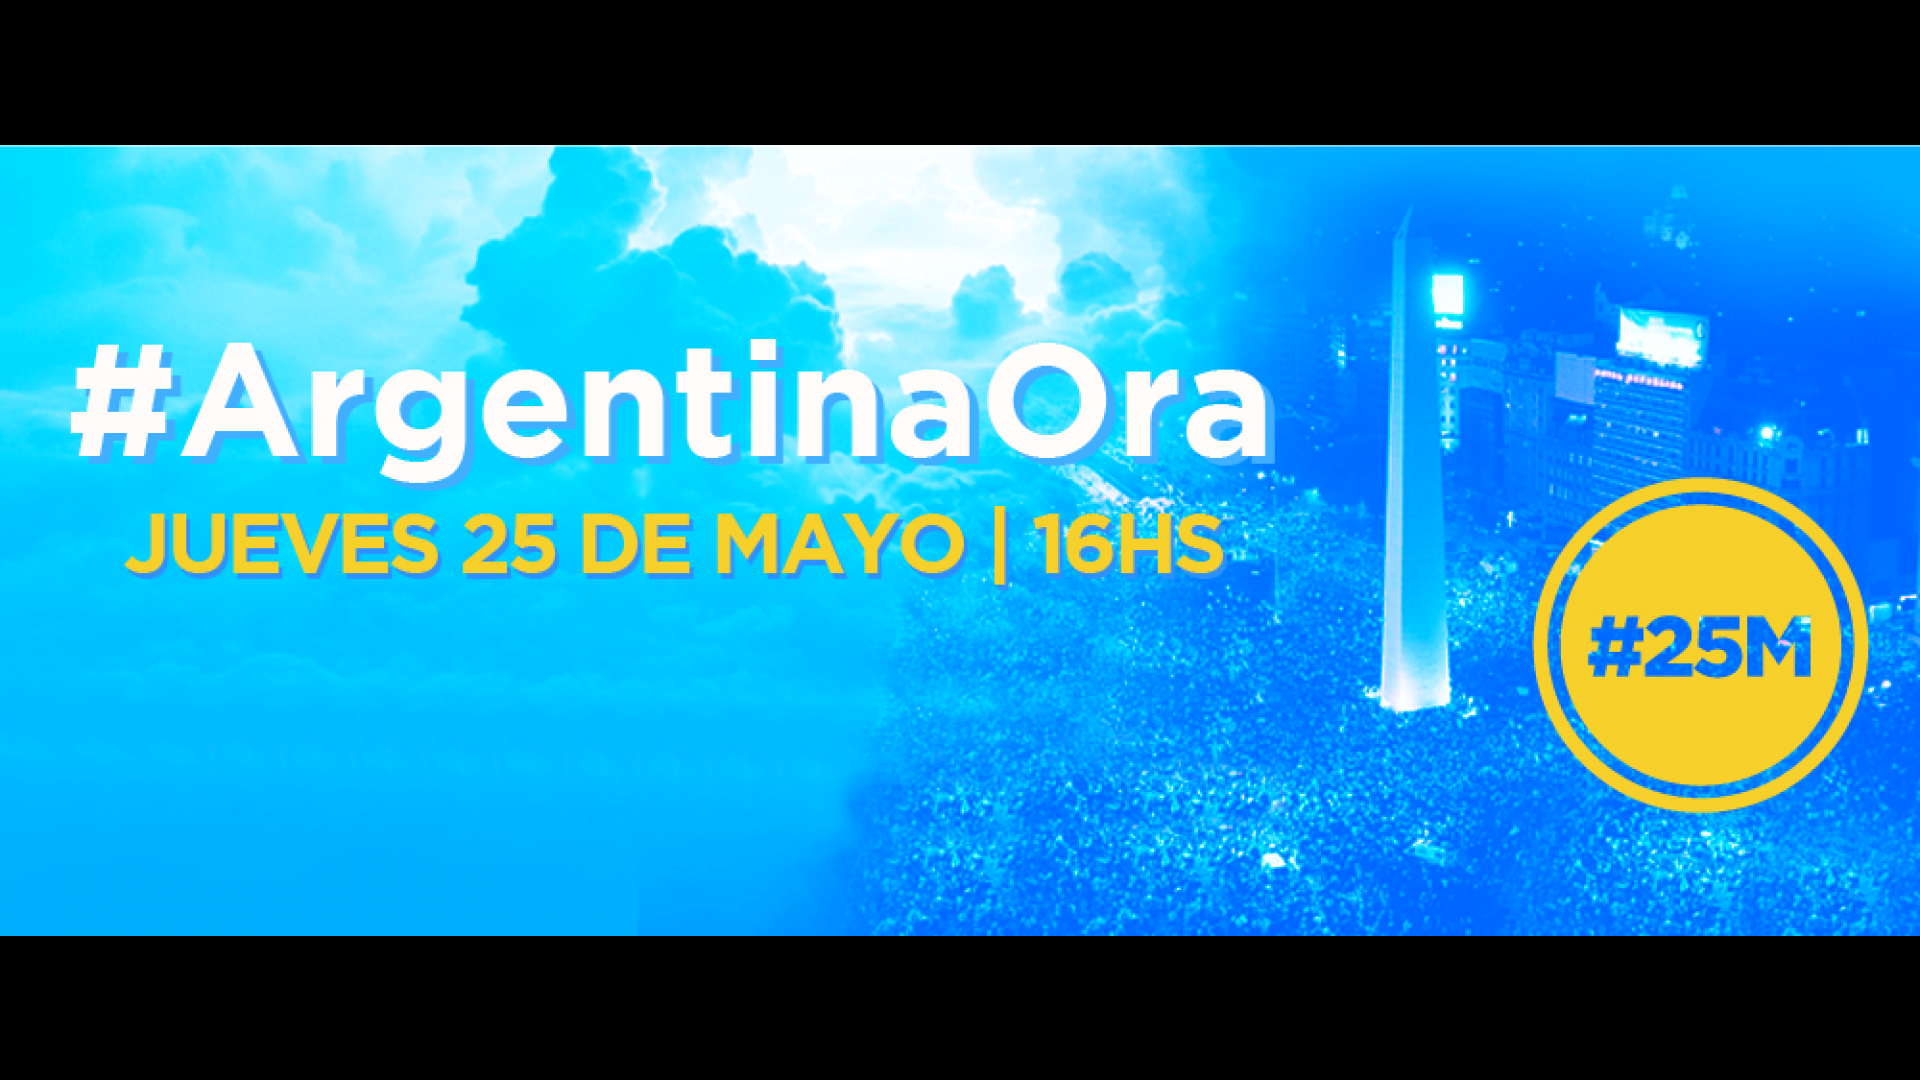 #ArgentinaOra | Jueves 25 de mayo, 16 hs.